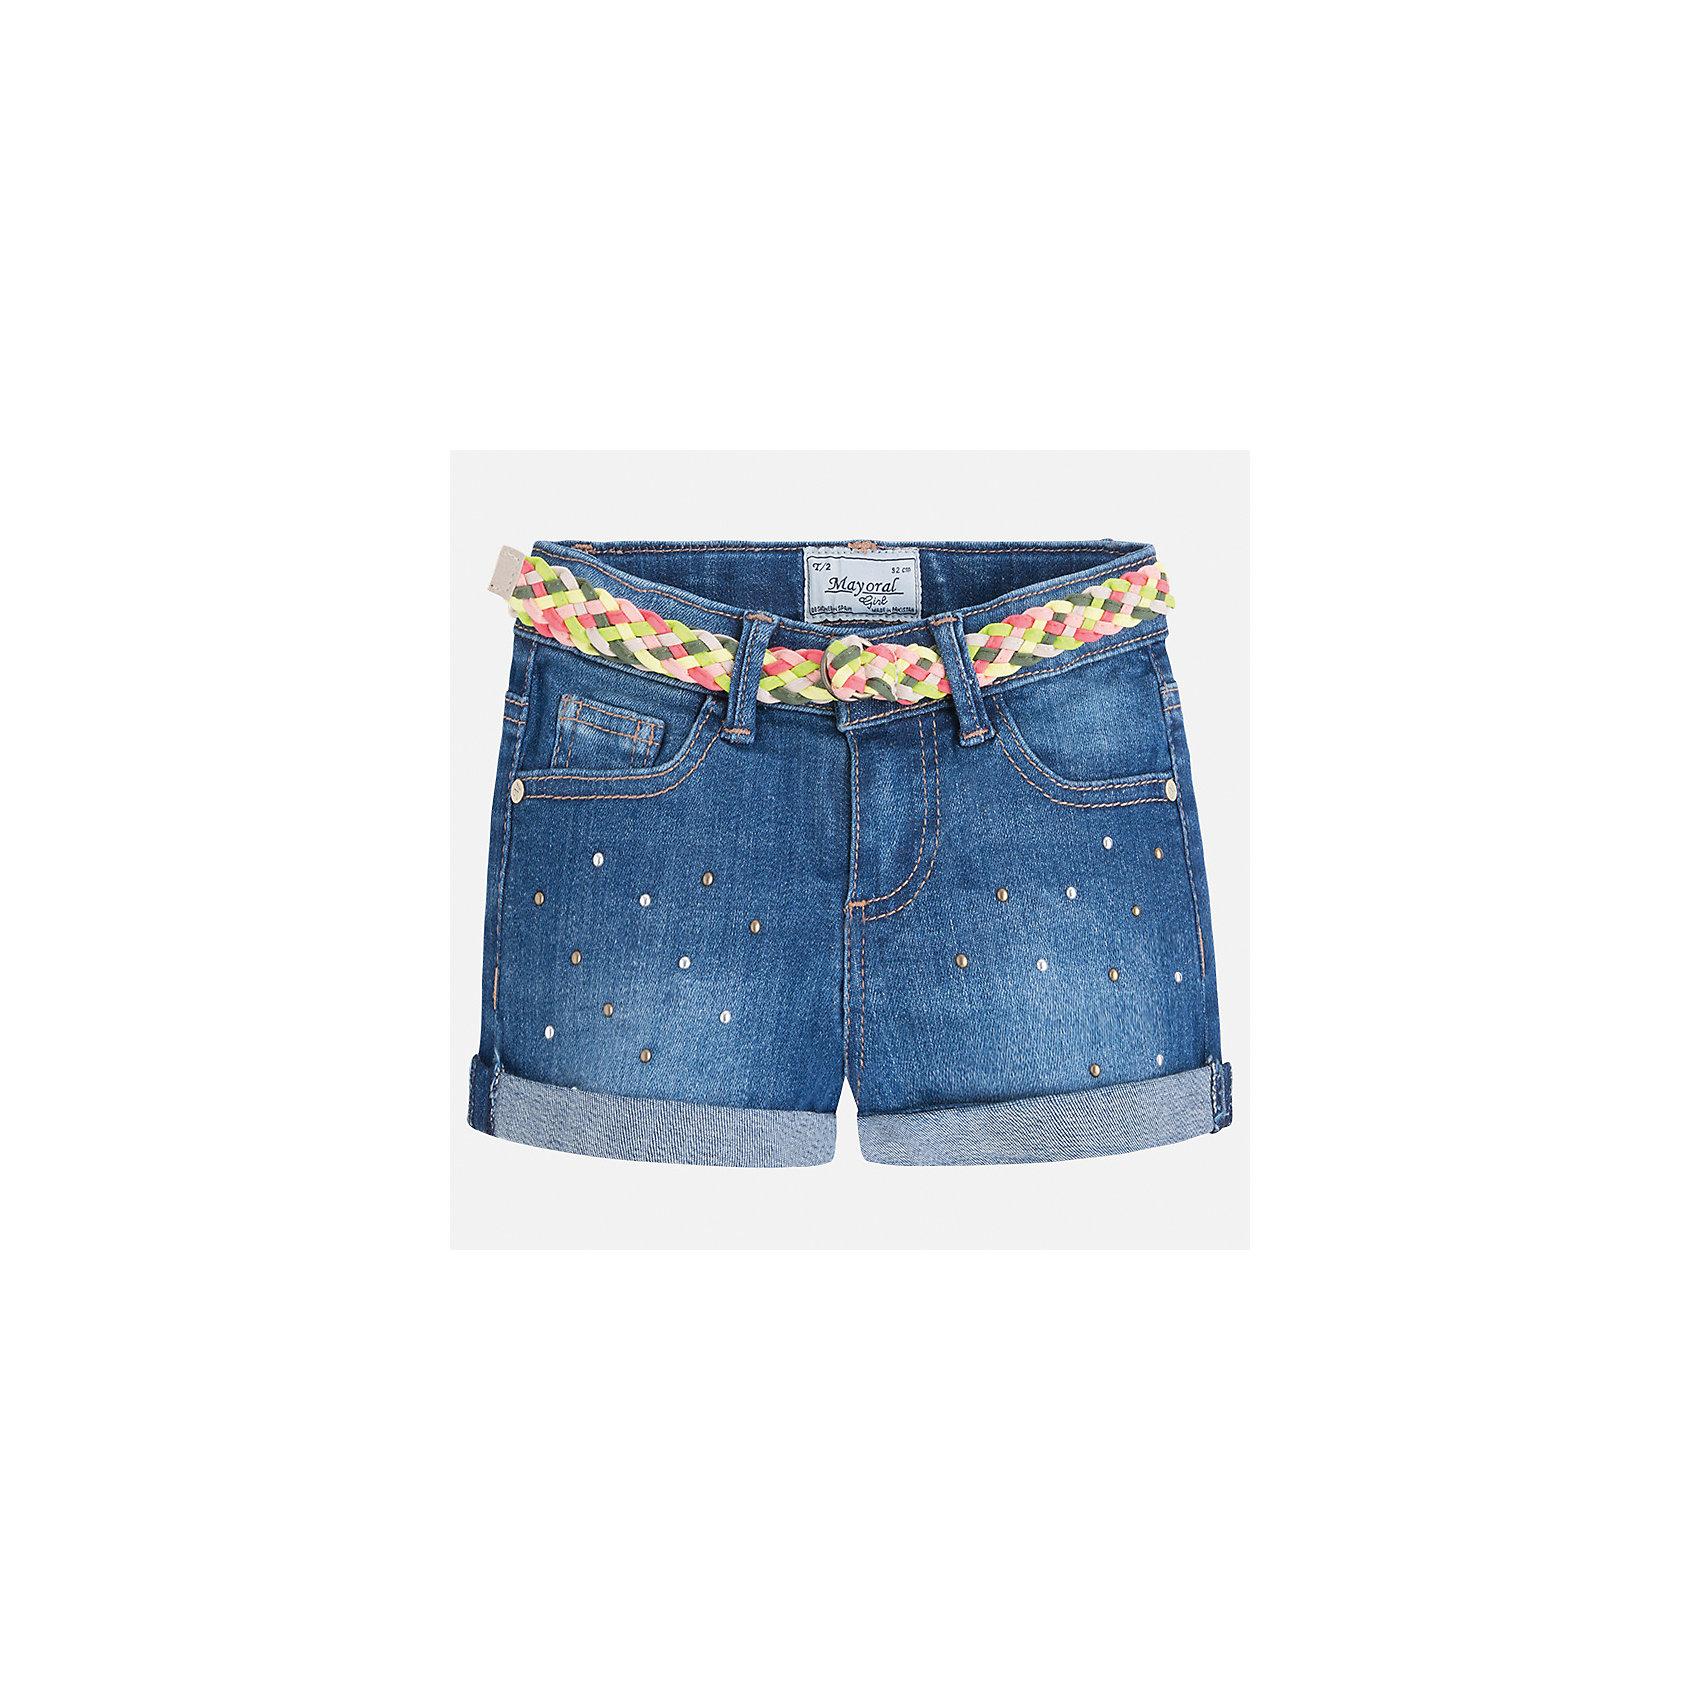 Шорты джинсовые для девочки MayoralШорты, бриджи, капри<br>Характеристики товара:<br><br>• цвет: синий<br>• состав: 99% хлопок, 1% эластан<br>• легкий материал<br>• с подкладкой<br>• пояс на резинке<br>• украшены бантиком<br>• страна бренда: Испания<br><br>Модные легкие шорты для девочки смогут разнообразить гардероб ребенка и украсить наряд. Они отлично сочетаются с майками, футболками, блузками.Интересный крой модели делает её нарядной и оригинальной. <br><br>Шорты для девочки от испанского бренда Mayoral (Майорал) можно купить в нашем интернет-магазине.<br><br>Ширина мм: 191<br>Глубина мм: 10<br>Высота мм: 175<br>Вес г: 273<br>Цвет: синий<br>Возраст от месяцев: 96<br>Возраст до месяцев: 108<br>Пол: Женский<br>Возраст: Детский<br>Размер: 134,98,104,110,116,122,128<br>SKU: 5289651